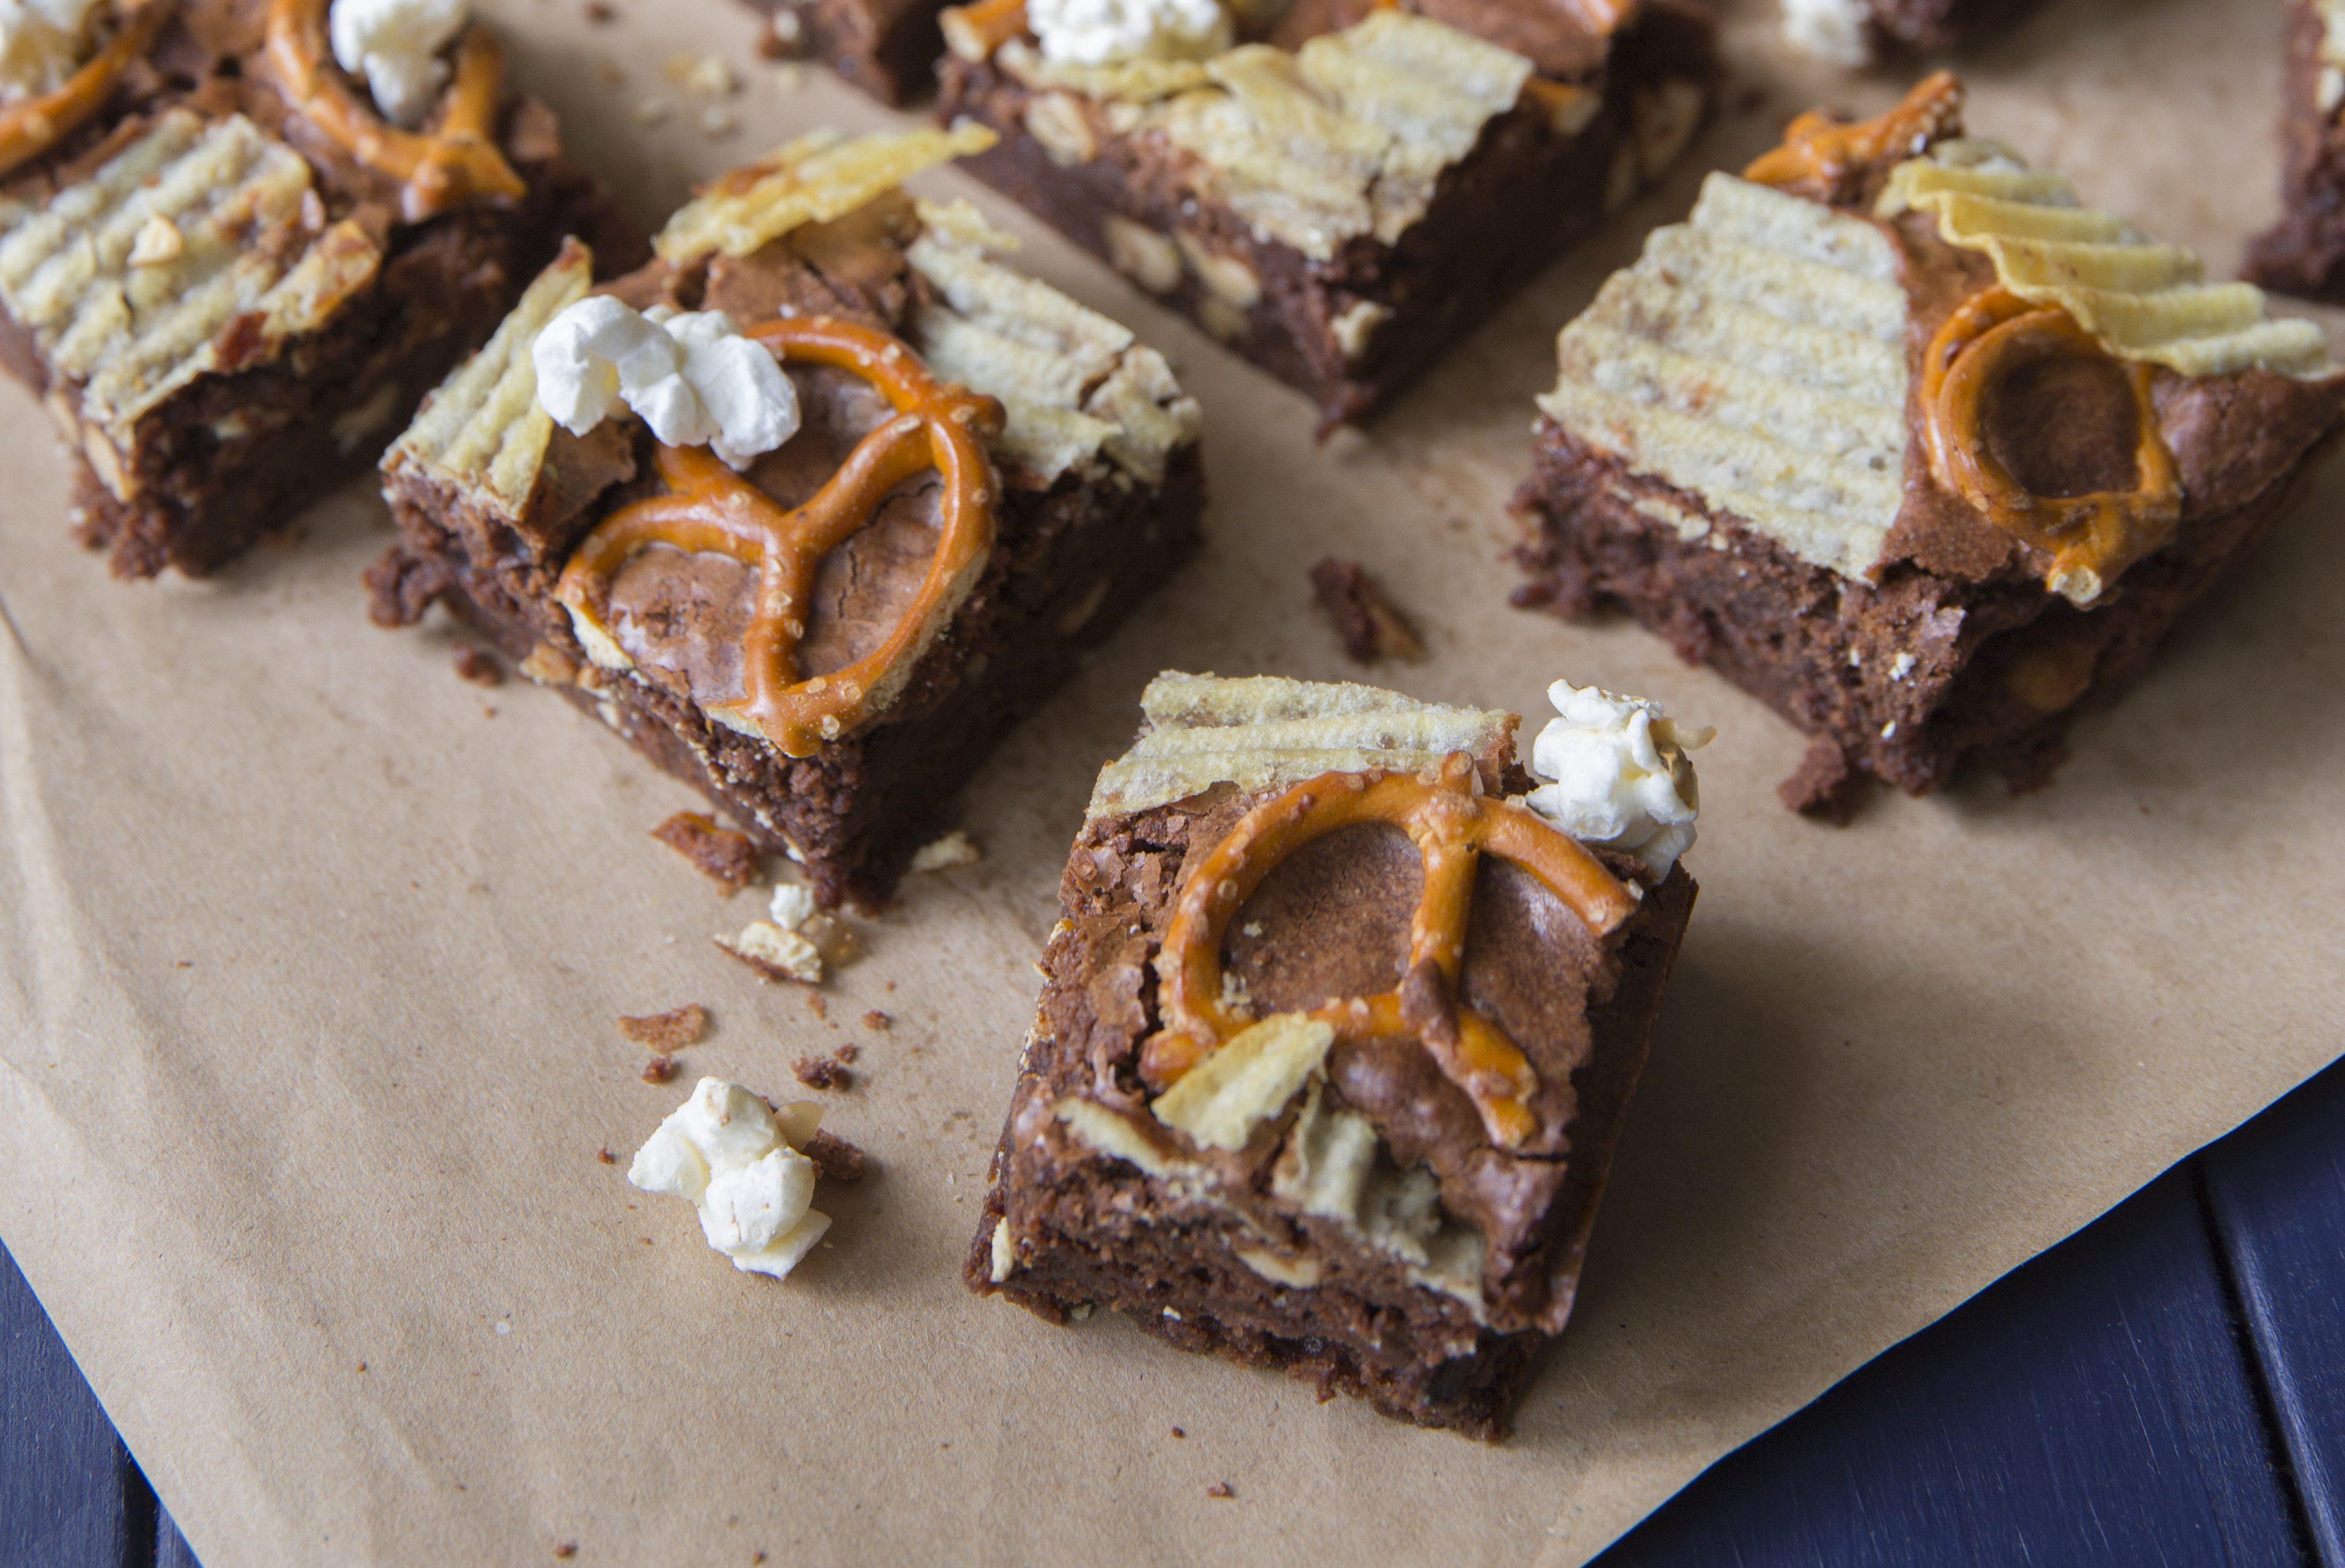 La recette de brownie ultra cochon de Juliette & Chocolat